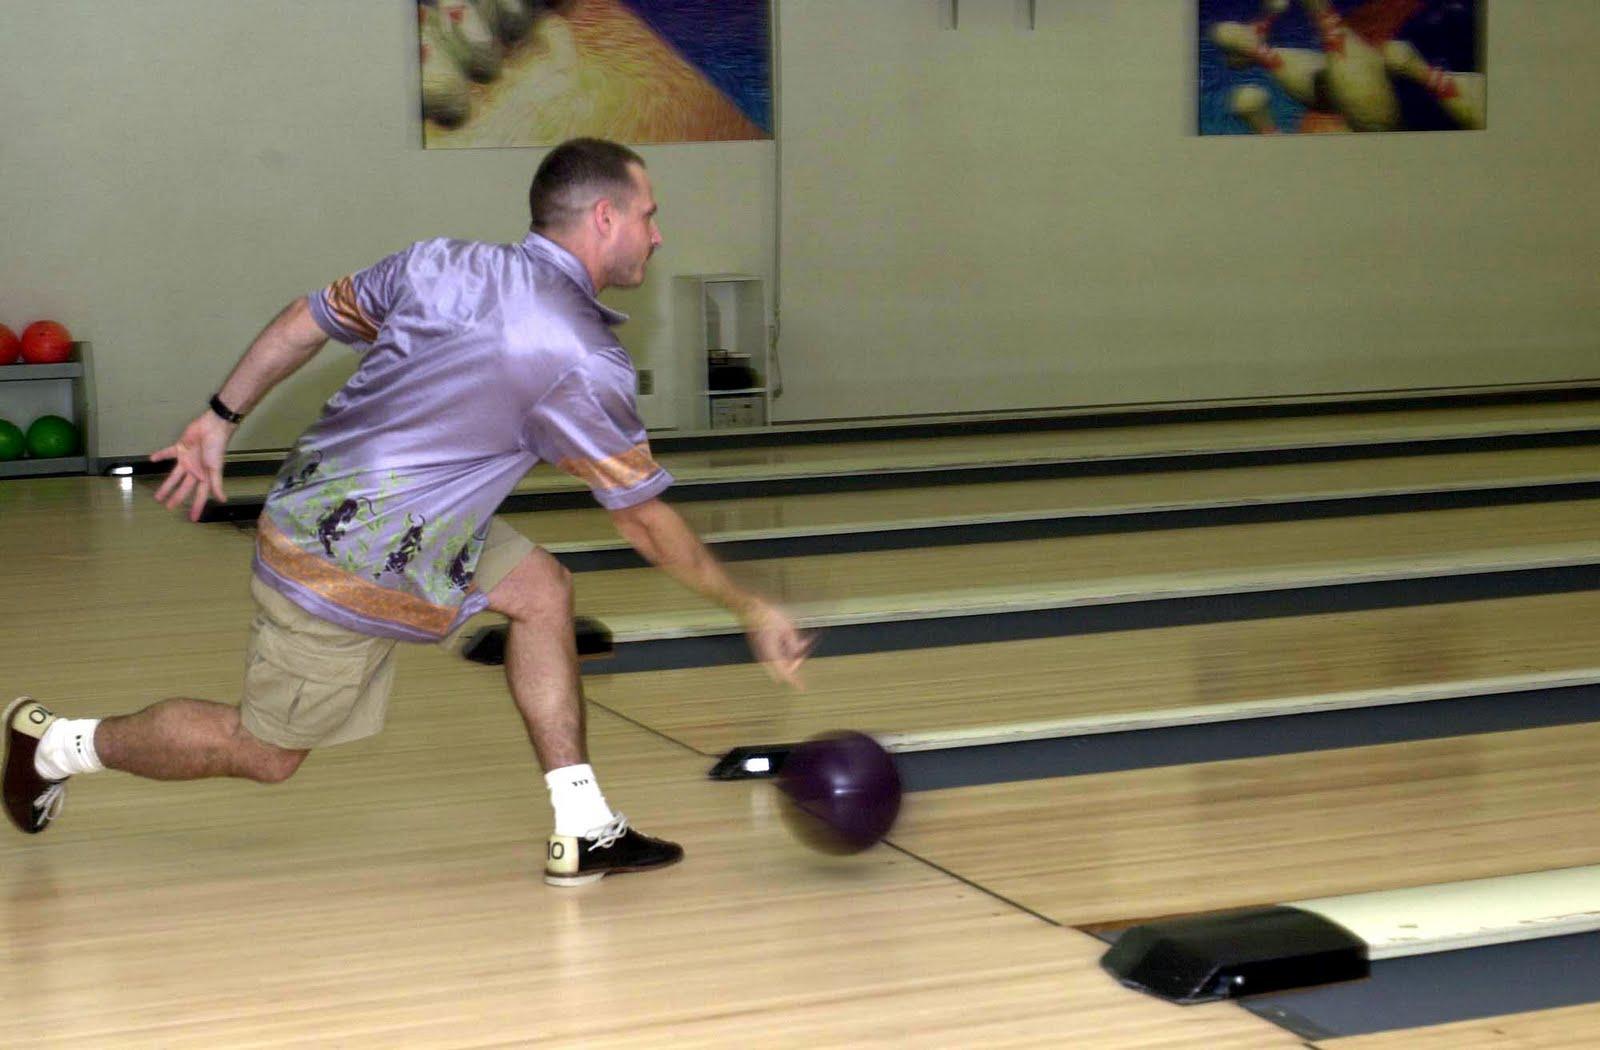 Jouer En Ligne À Des Jeux Gratuits: Conseils Sur Les Allées avec Jeux Gratuits De Bowling